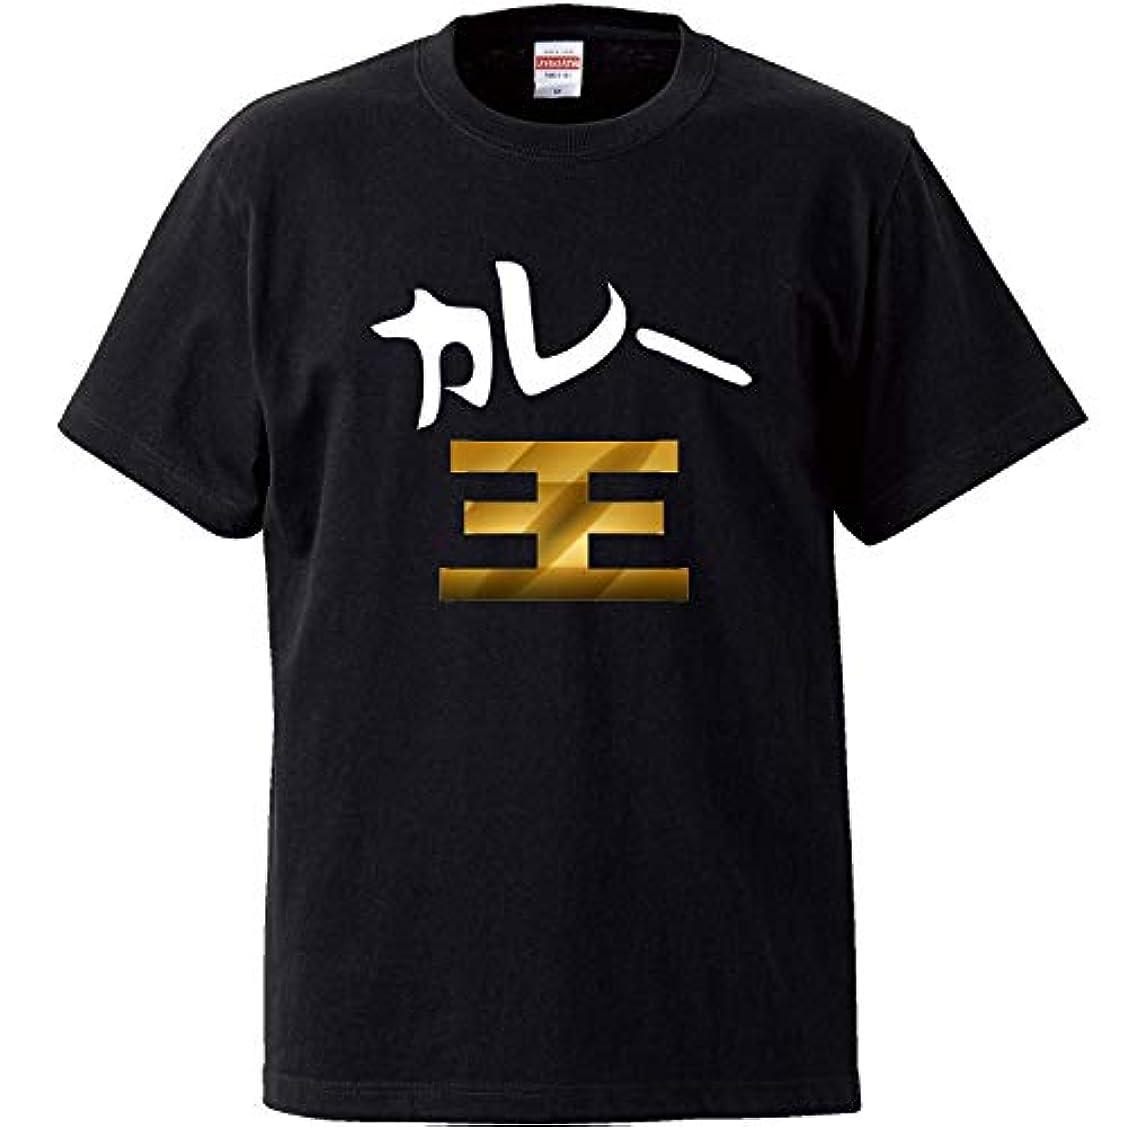 似ている日没放散する南堀江のおもしろtシャツ 「カレー王」 カレー好き スパイスカレー屋巡りがち 俺はカレー王になる 日本語 おもしろ半袖Tシャツ キッズサイズ